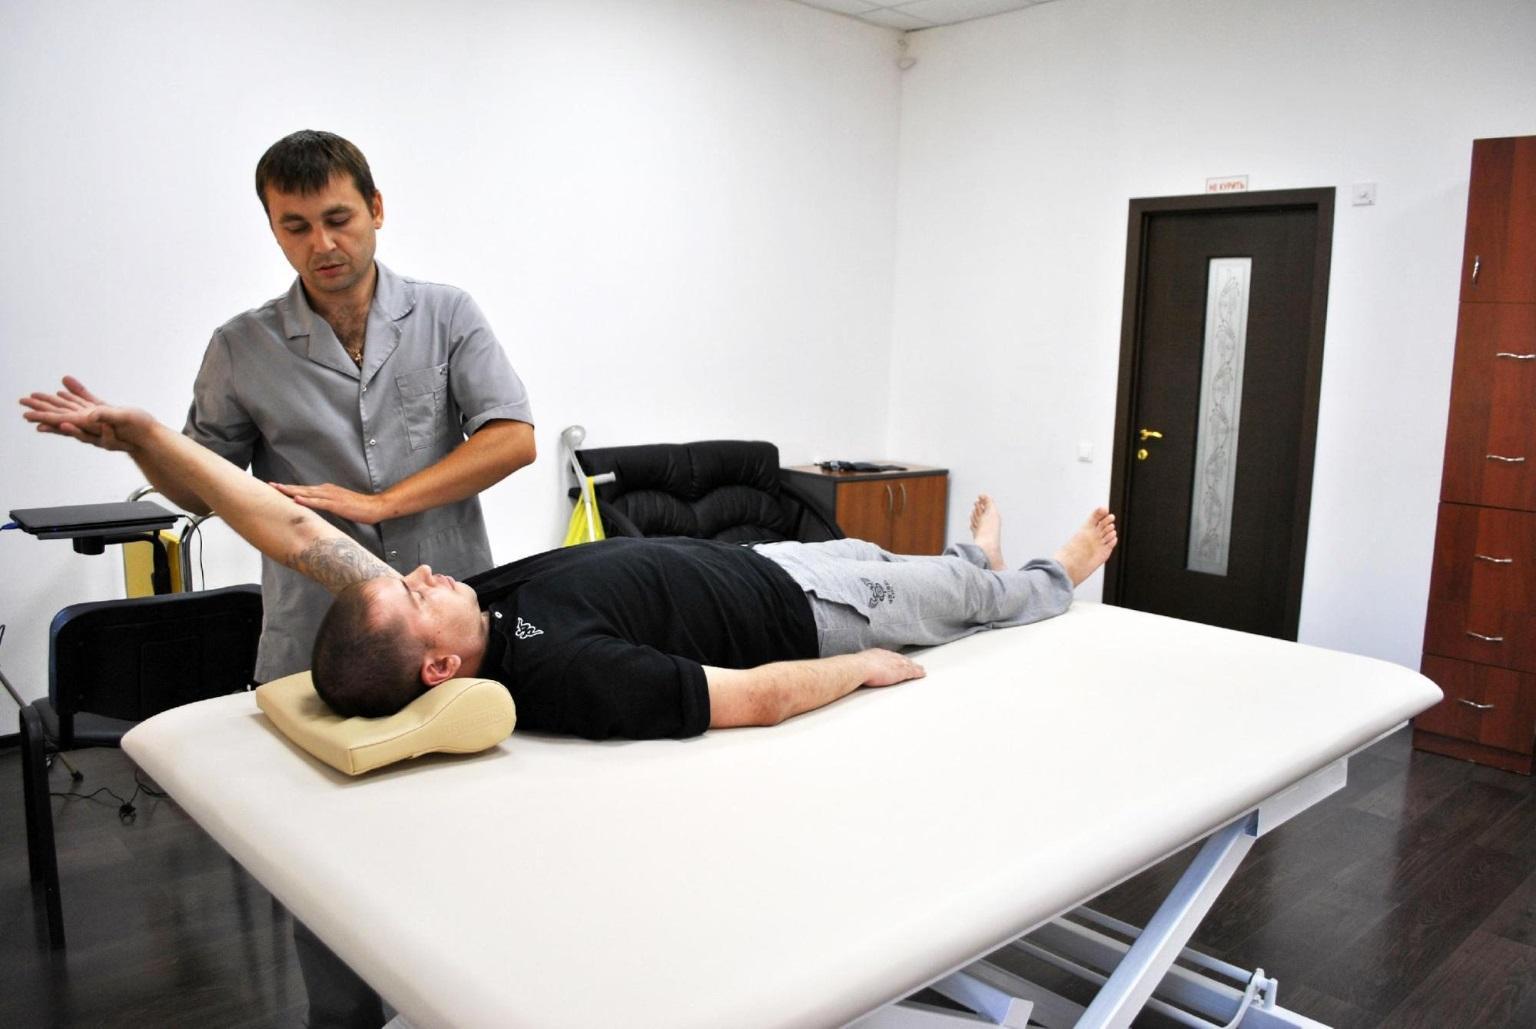 Эрго- и физтерапевты просят пересмотреть профстандарты по реабилитации